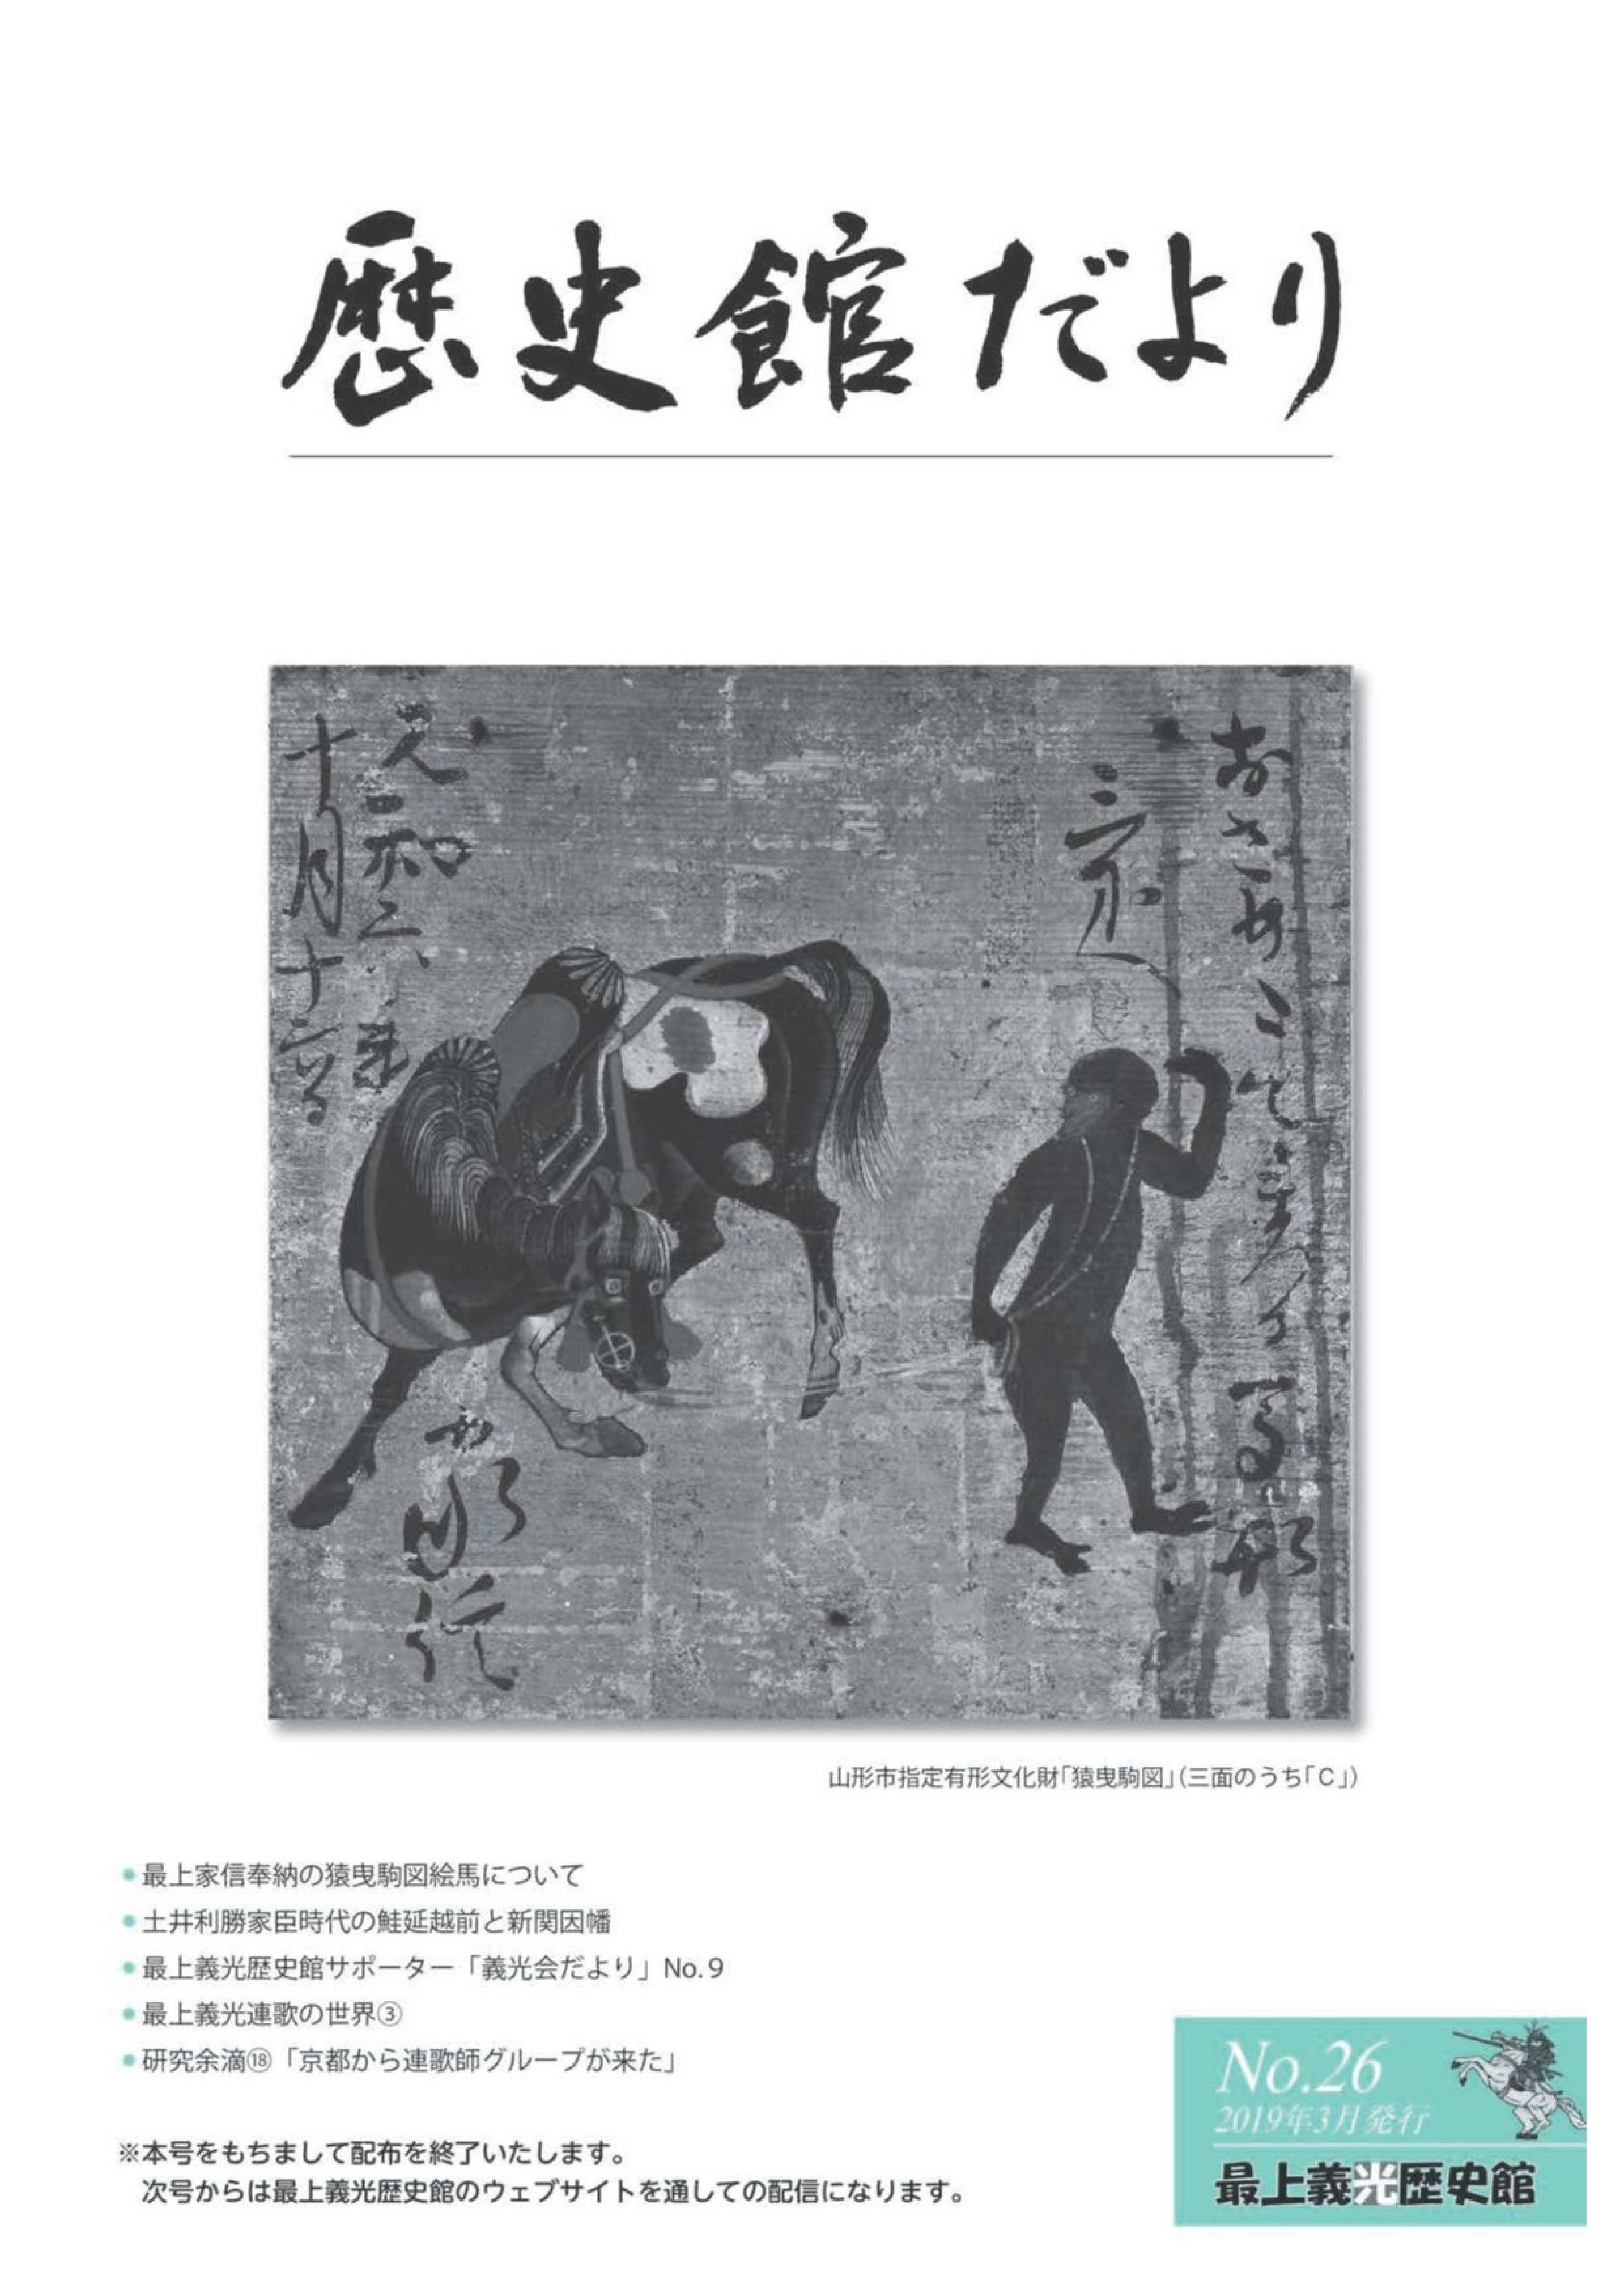 【ダウンロード】 歴史館だより(No.26/2019年3月発行)